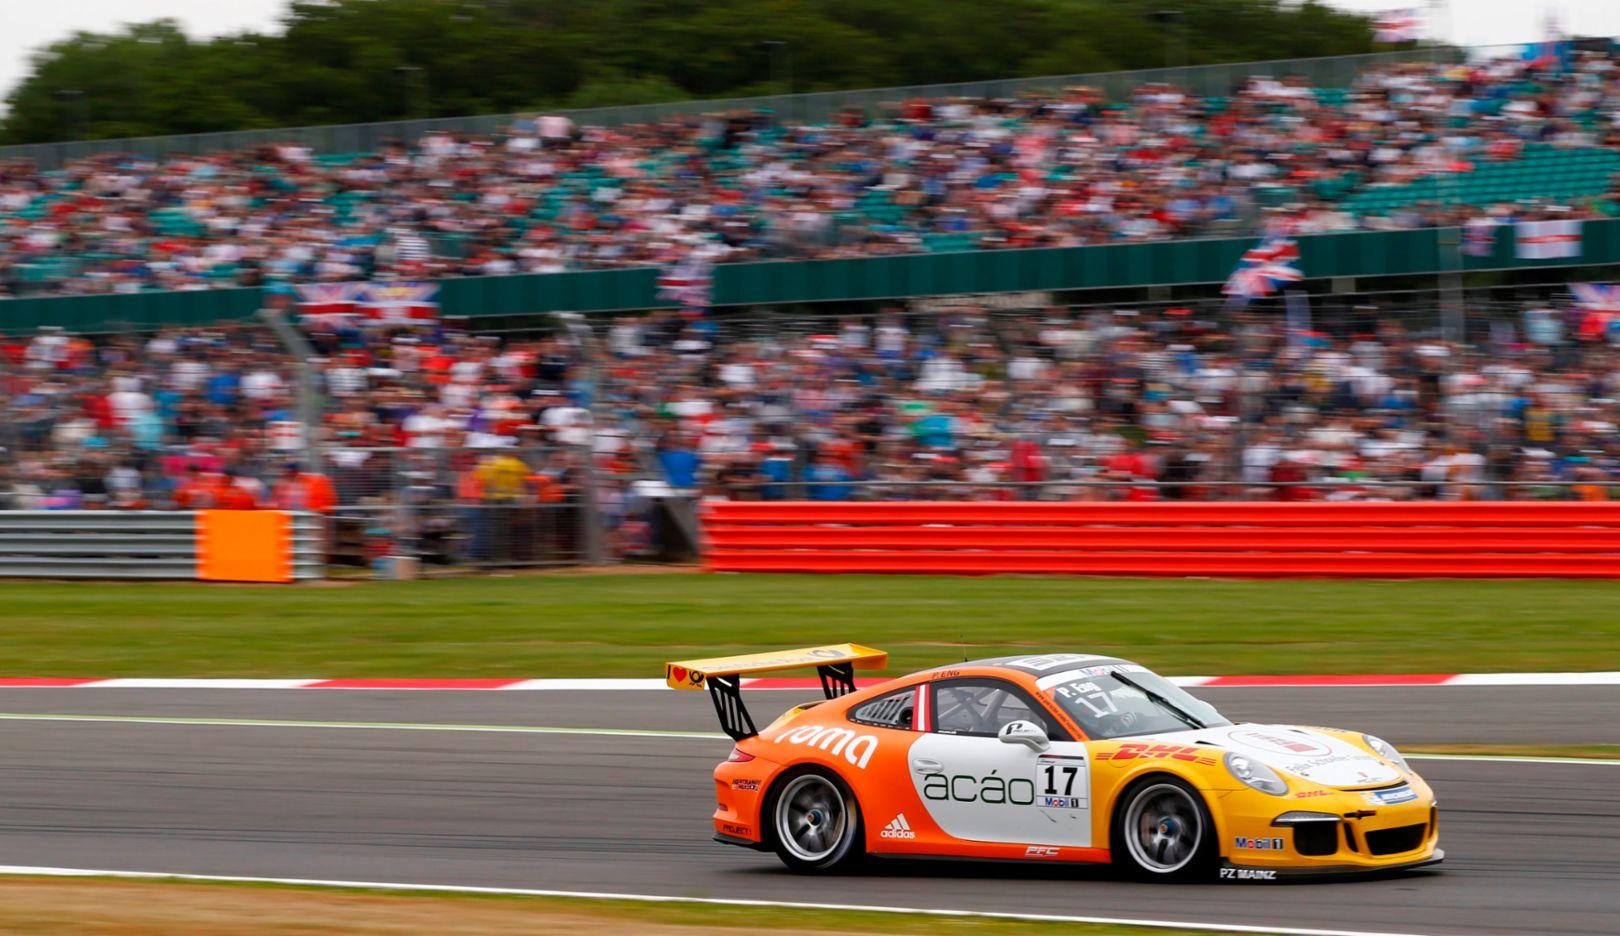 Philipp Eng, Porsche Mobil 1 Supercup, Silverstone 2015, Porsche AG